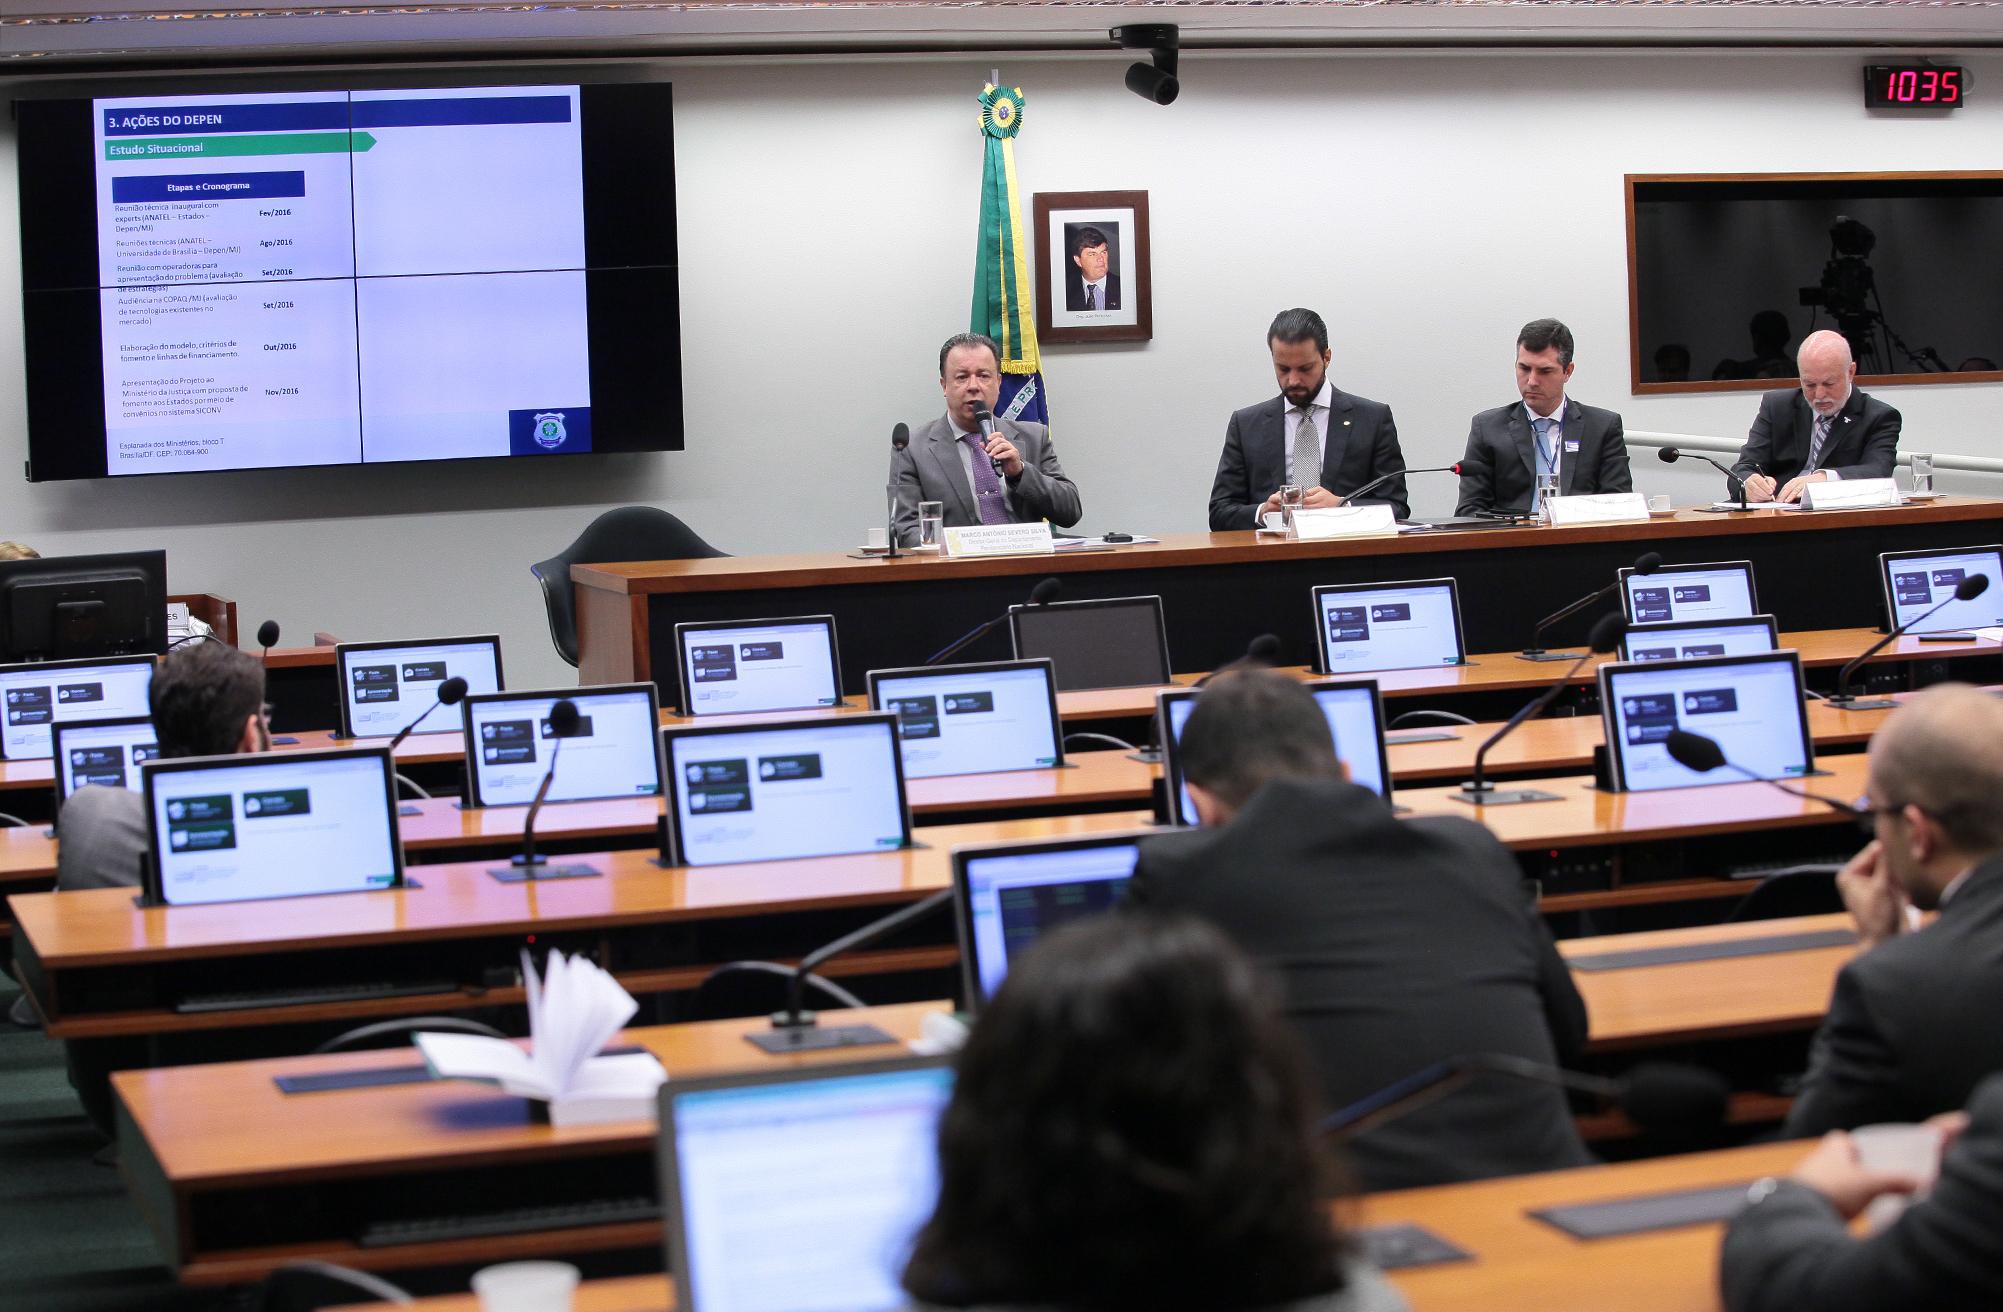 Audiência pública sobre o bloqueio de sinal de telefones celulares em presídios